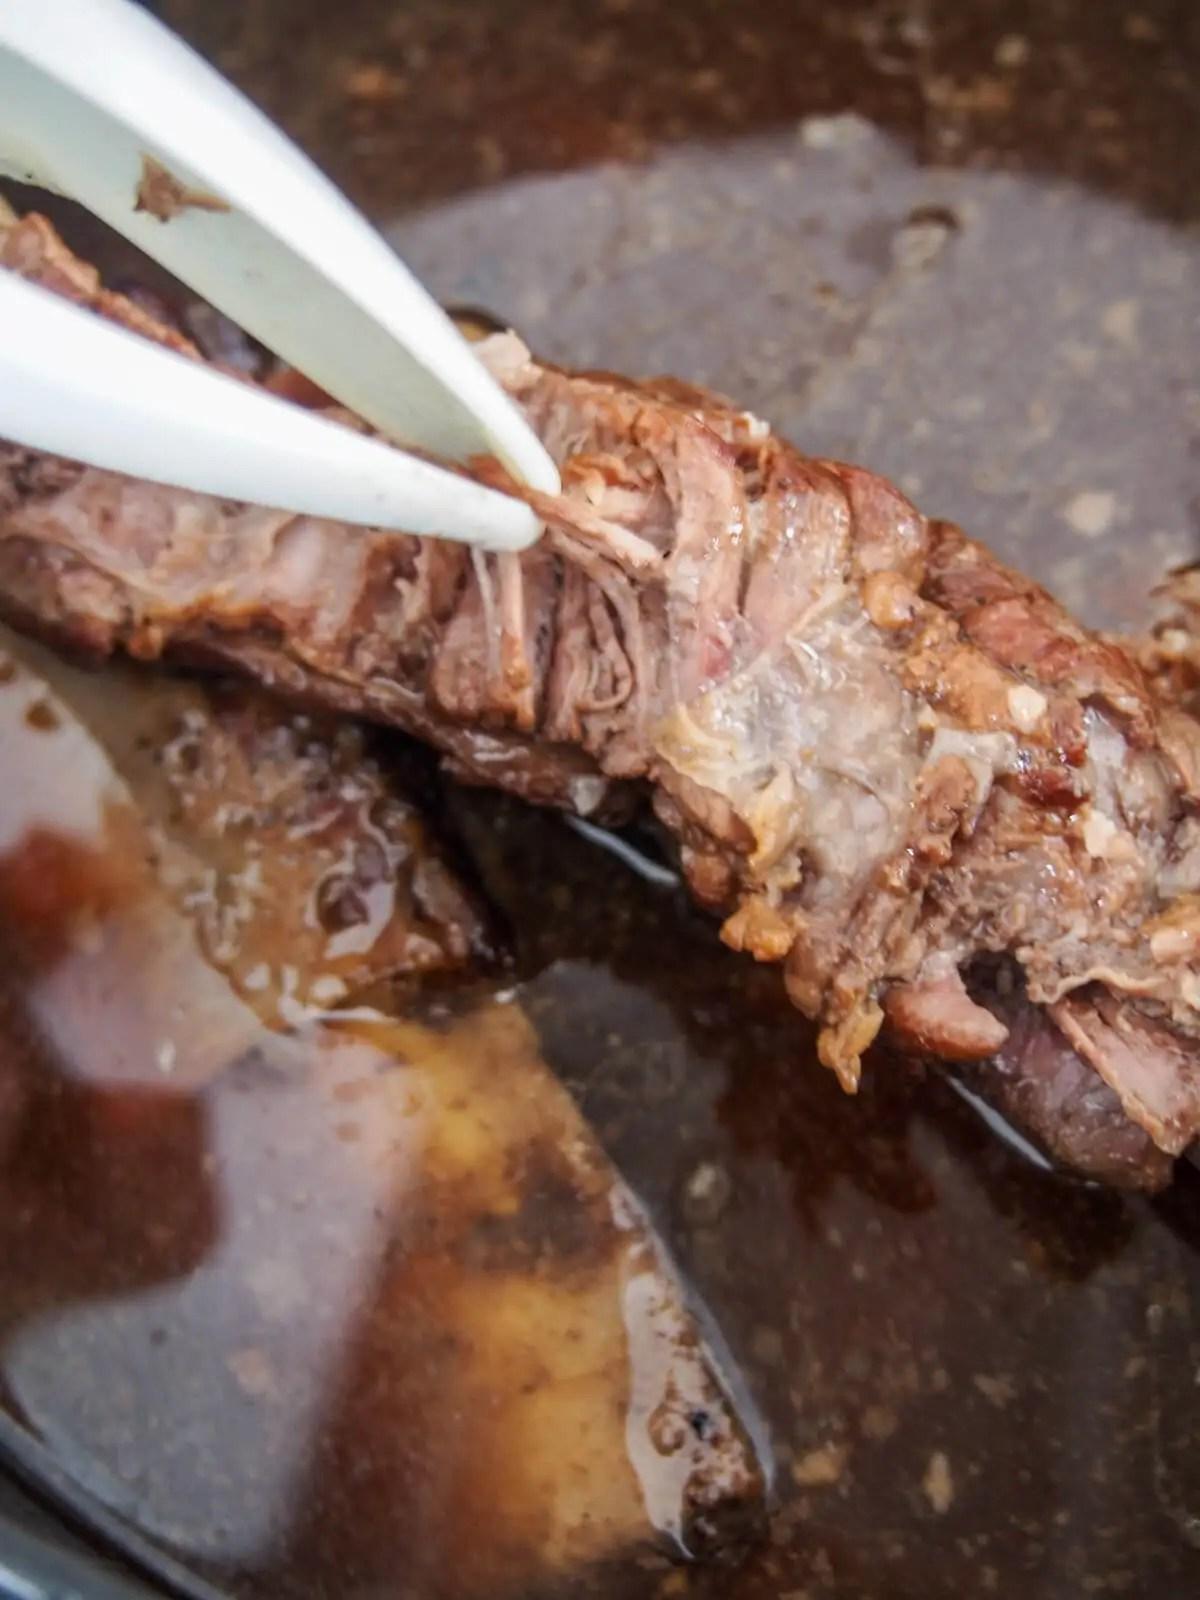 shredding short rib meat from bones